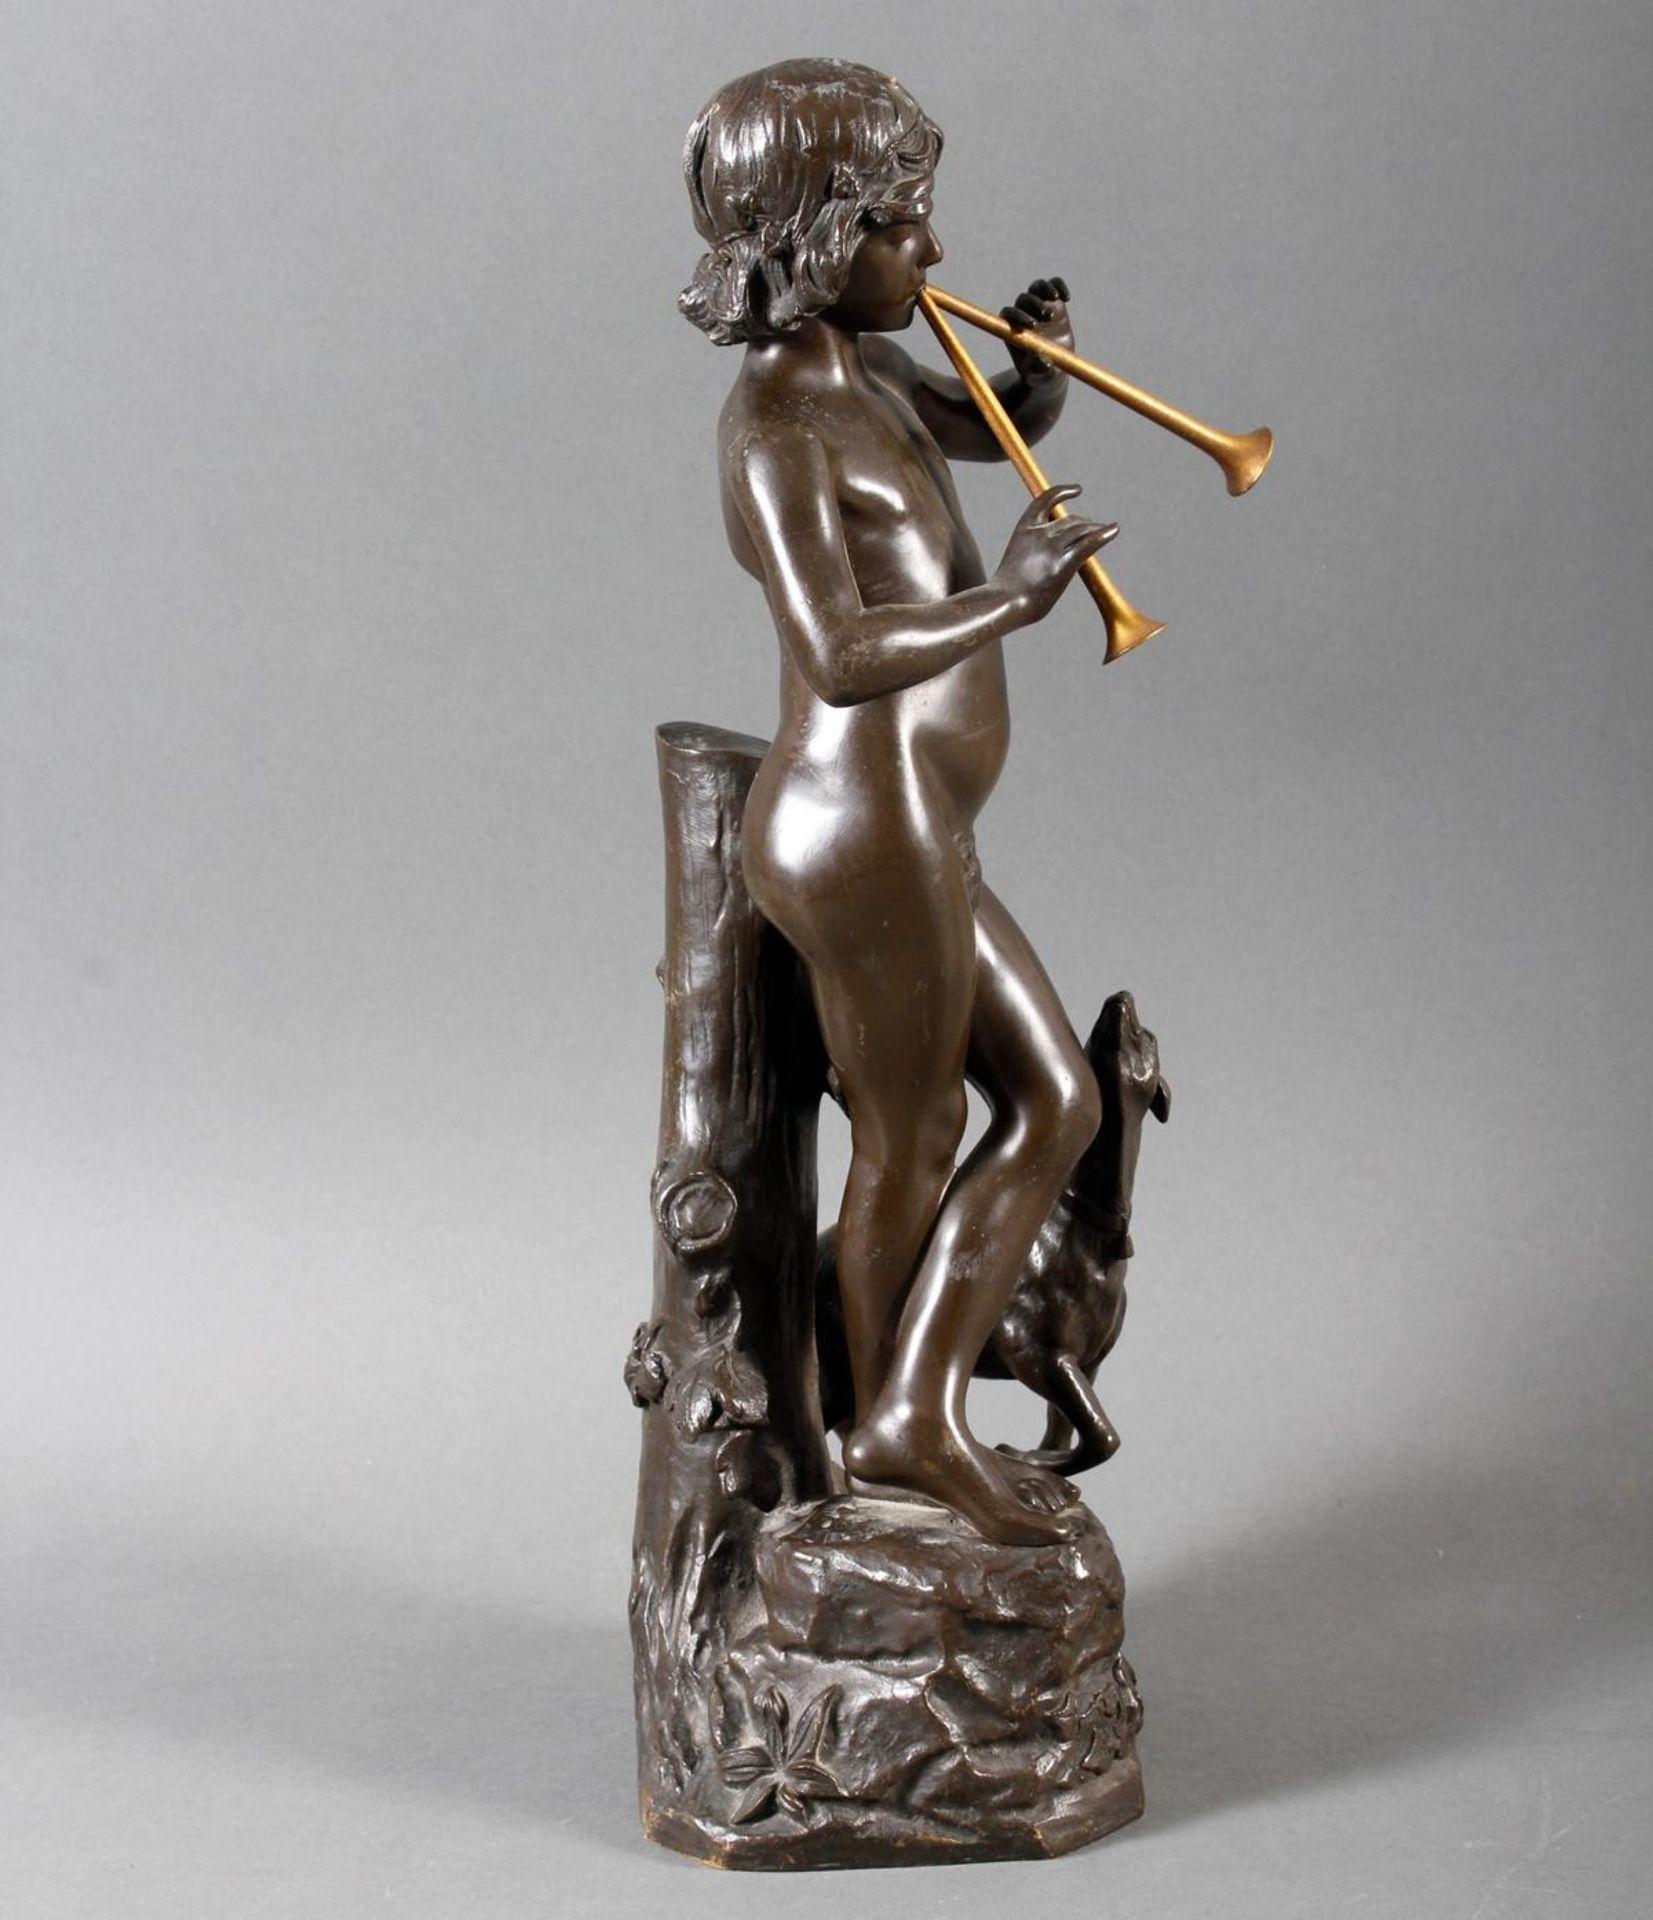 """Jugendstil Bronze """"Idylle"""" Frankreich um 1900 .Akt eines Flötenspielenden Hirtenjungen mit Ziege - Bild 2 aus 7"""